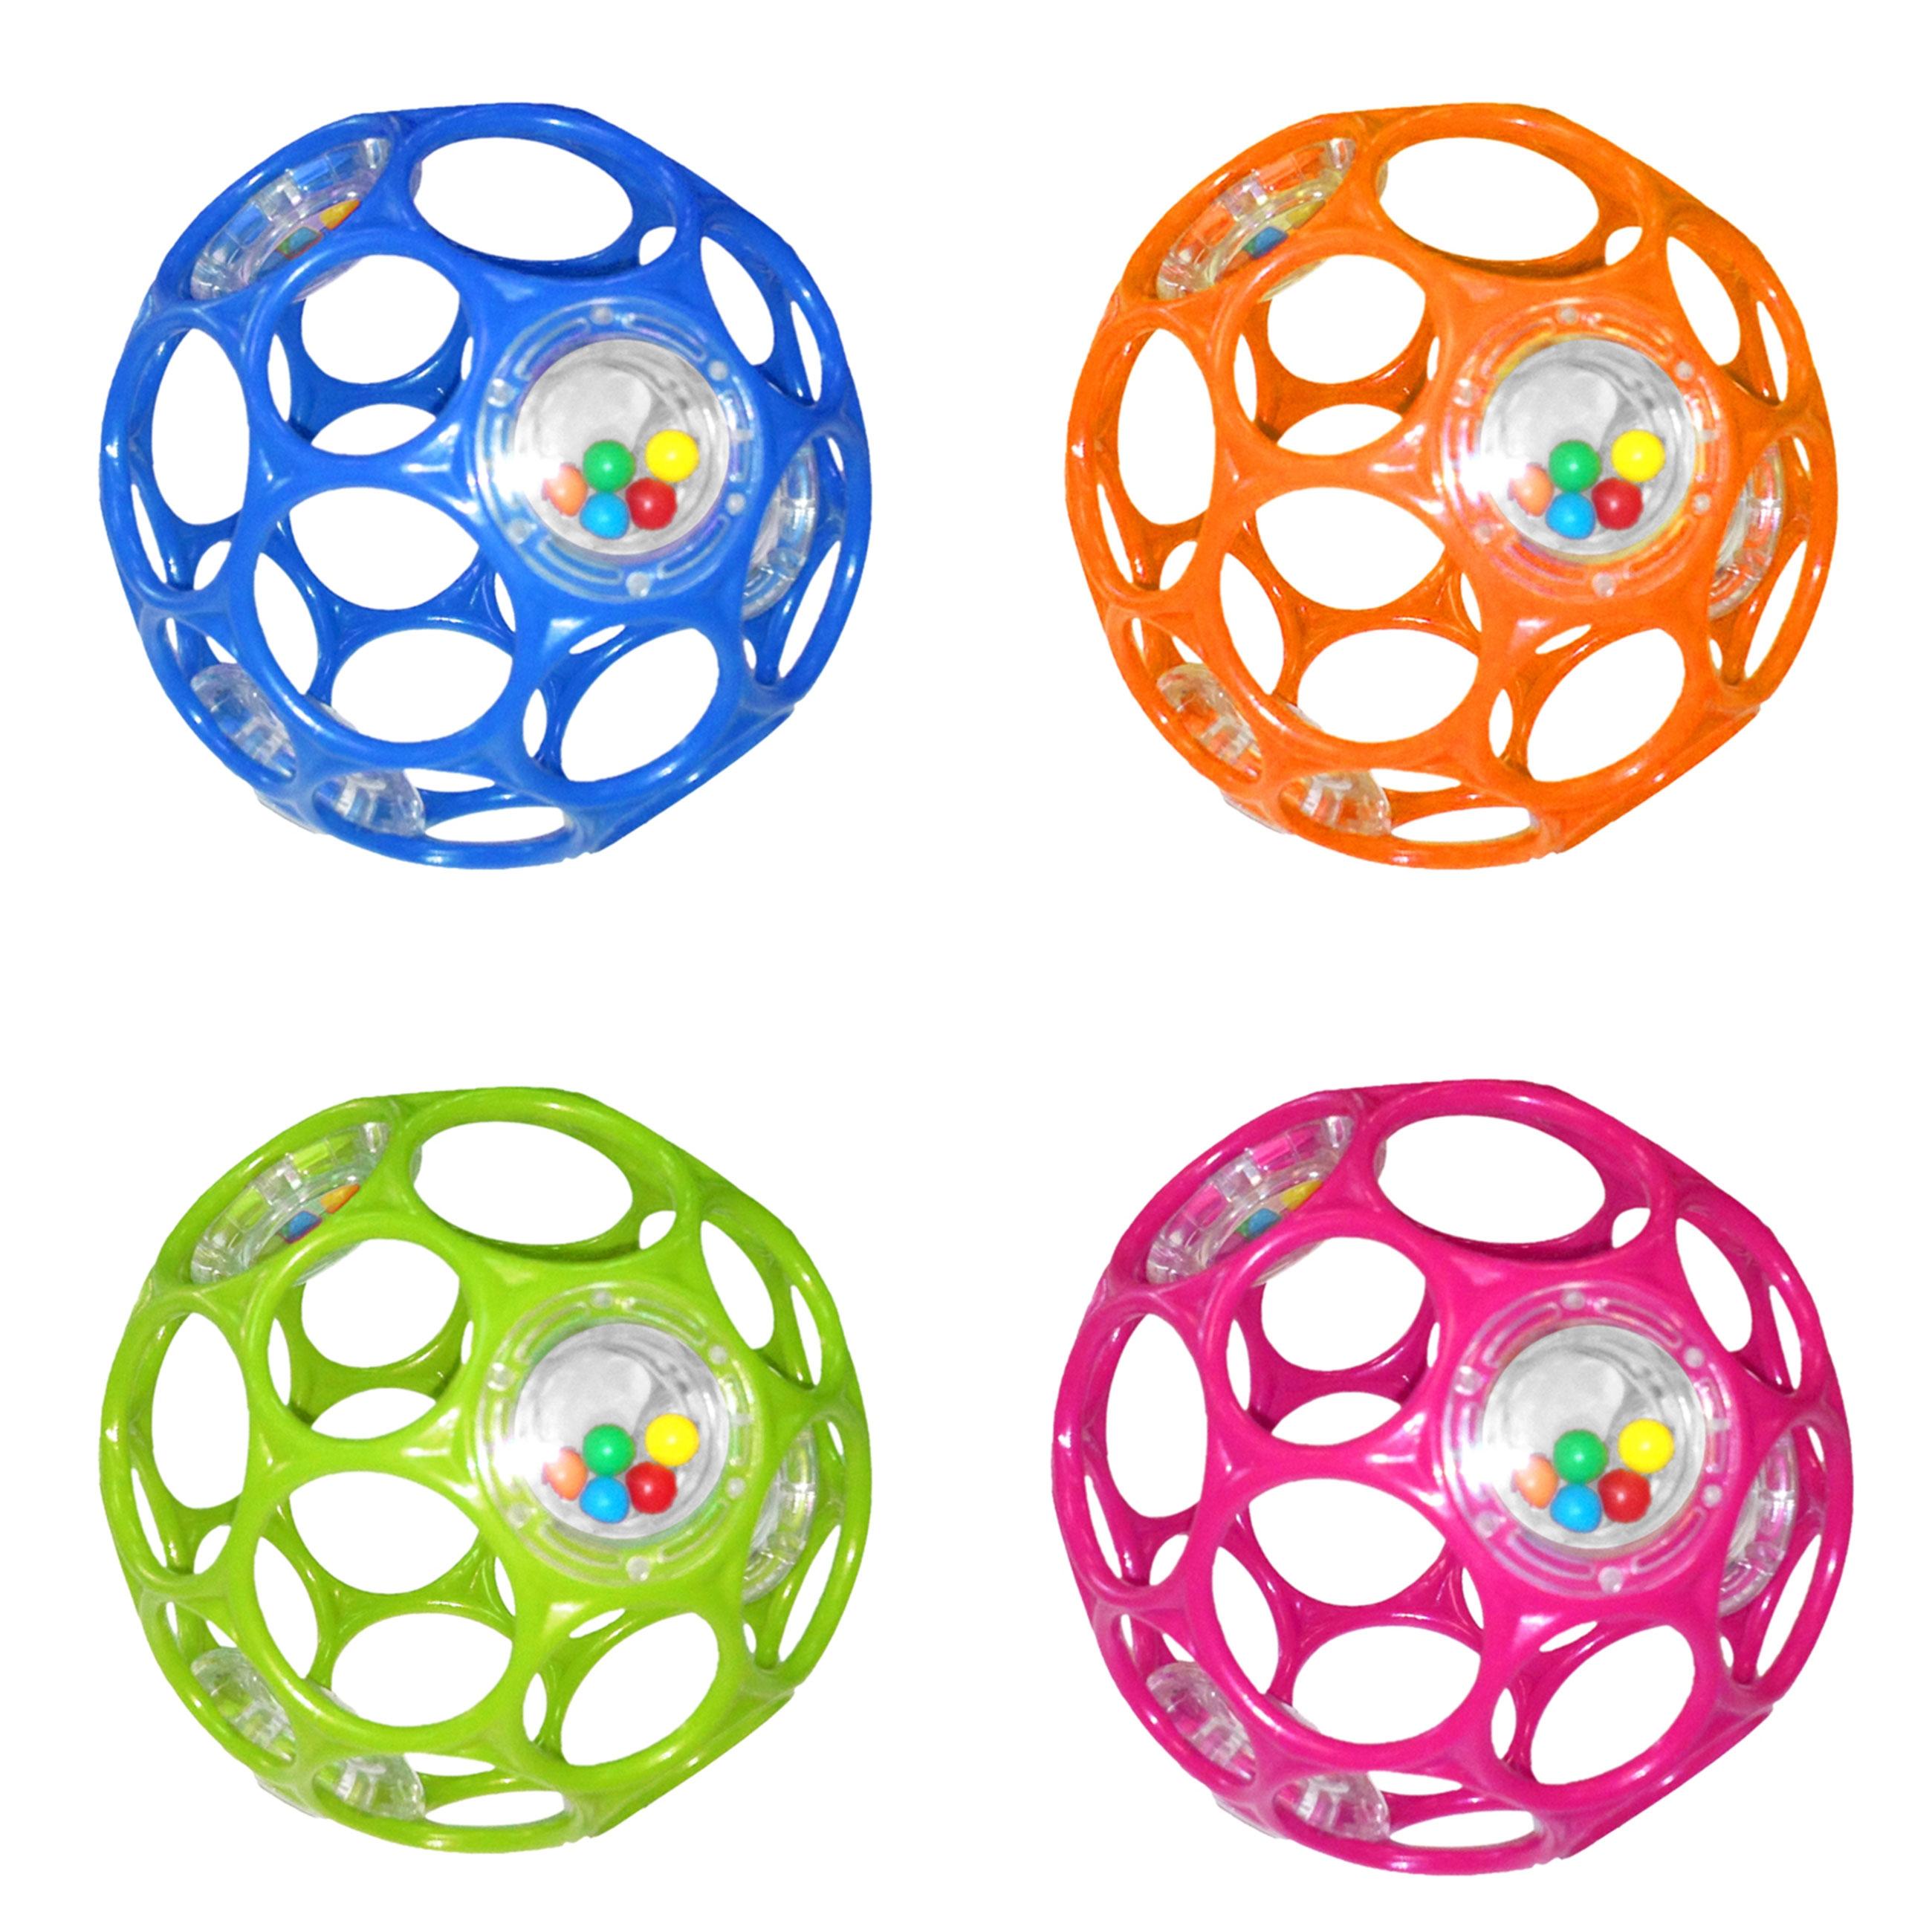 Погремушки Oball Развивающая игрушка Oball «Гремящий мячик» 11 см в асс. развивающие игрушки oball мячик на присоске